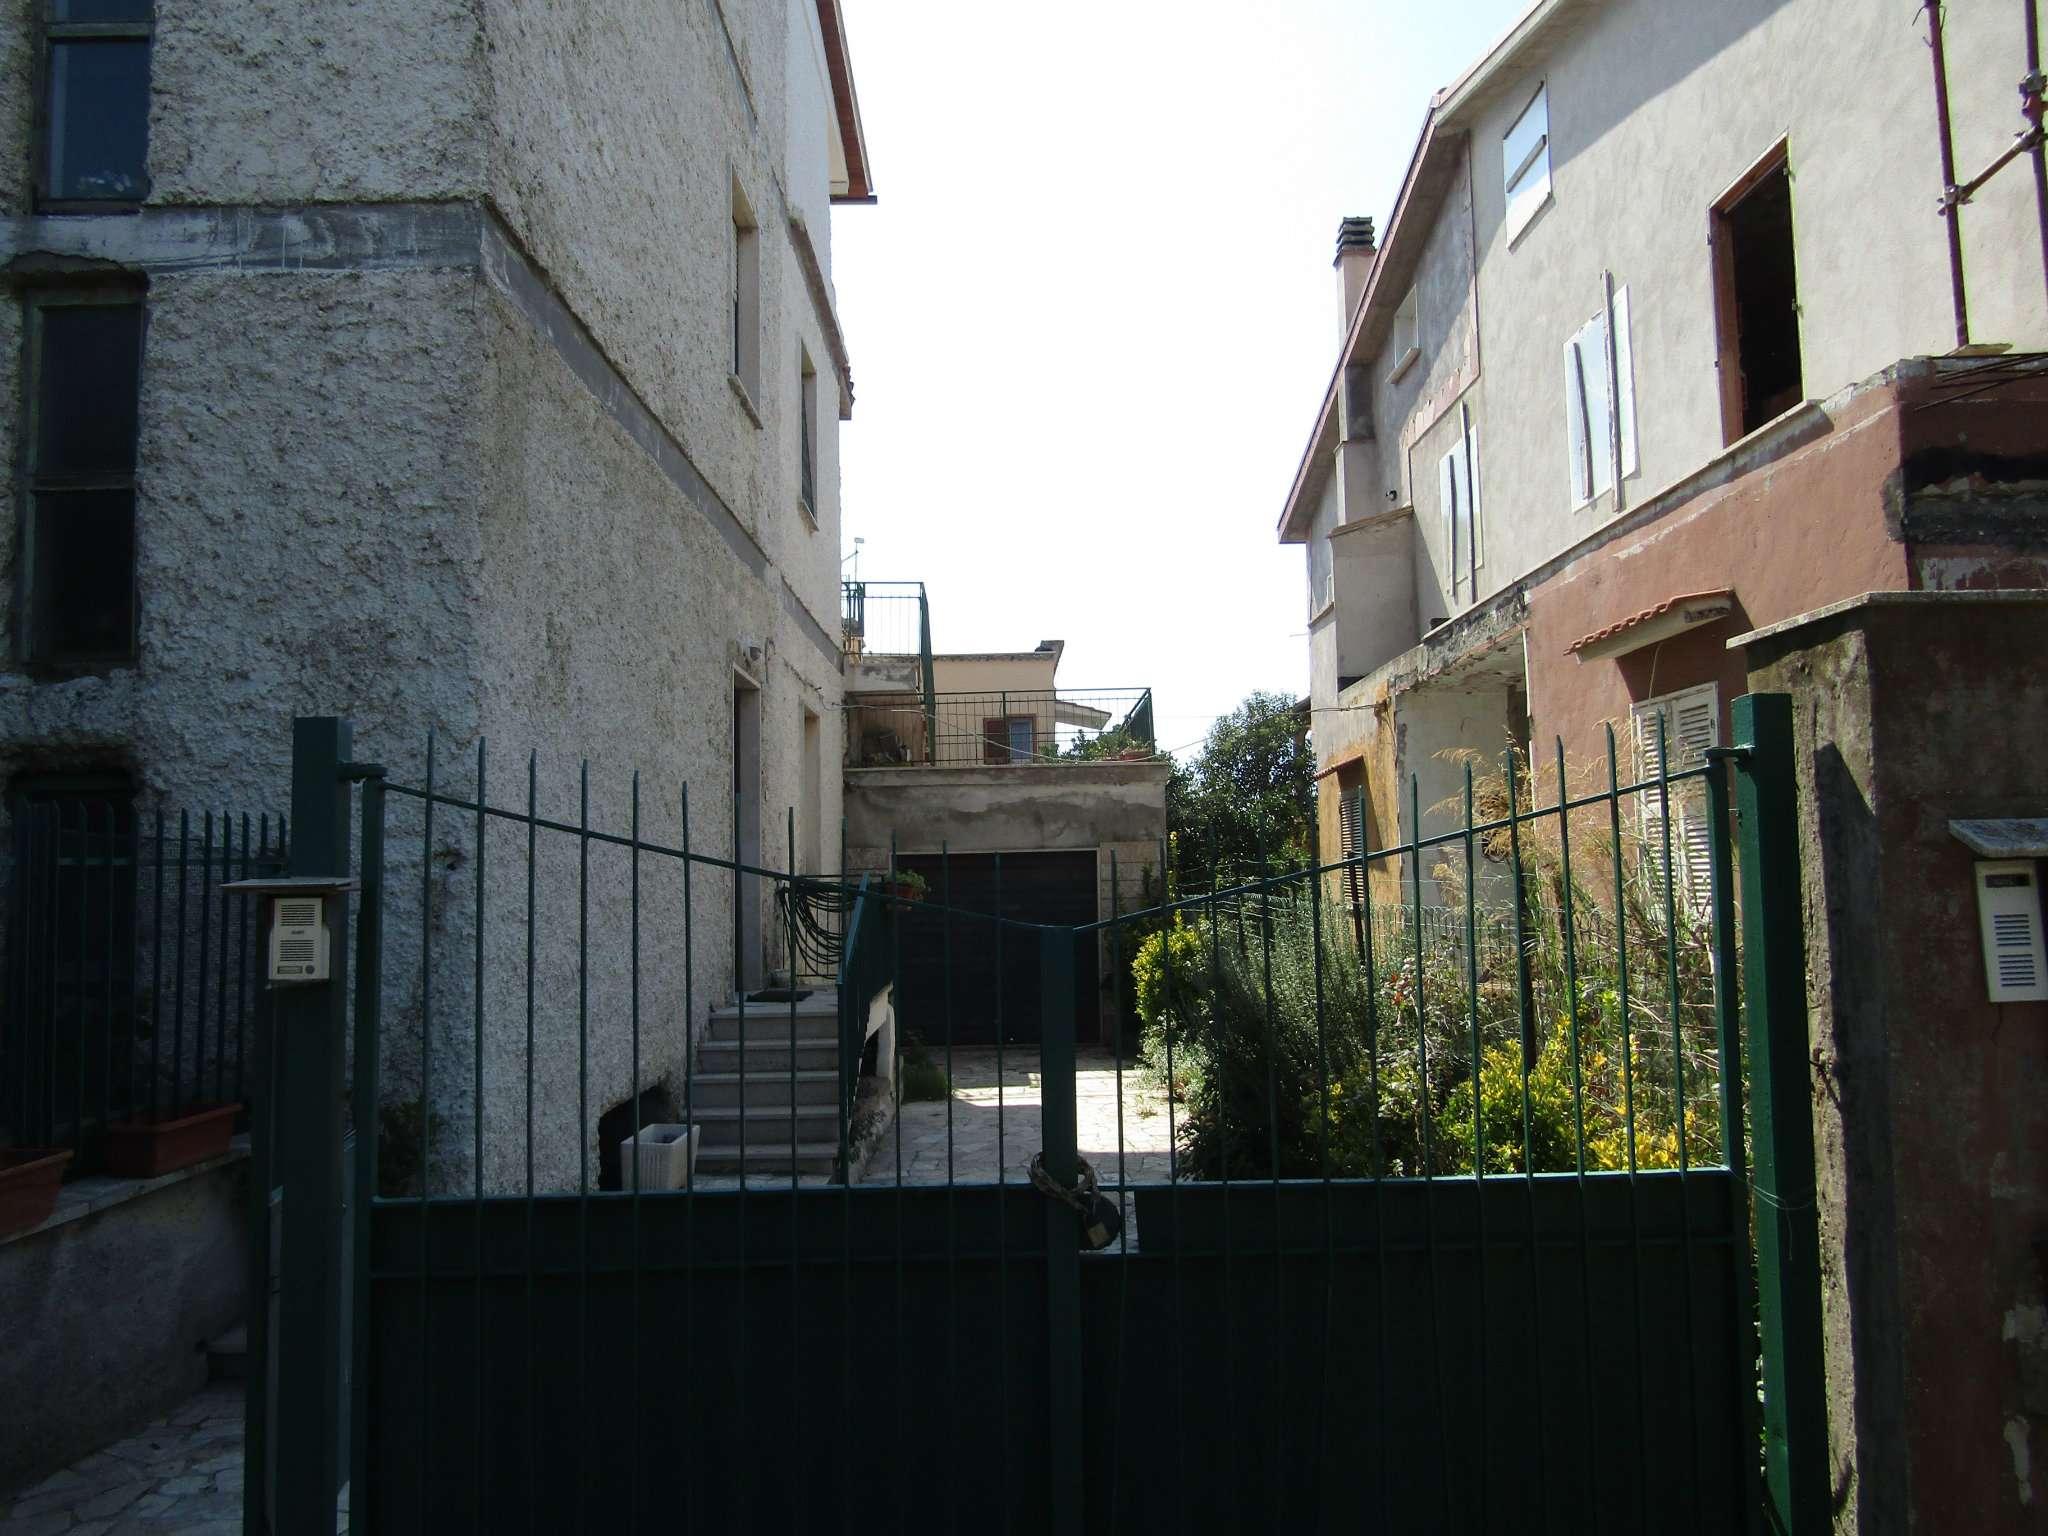 Appartamento in vendita a Tolfa, 5 locali, prezzo € 140.000 | CambioCasa.it